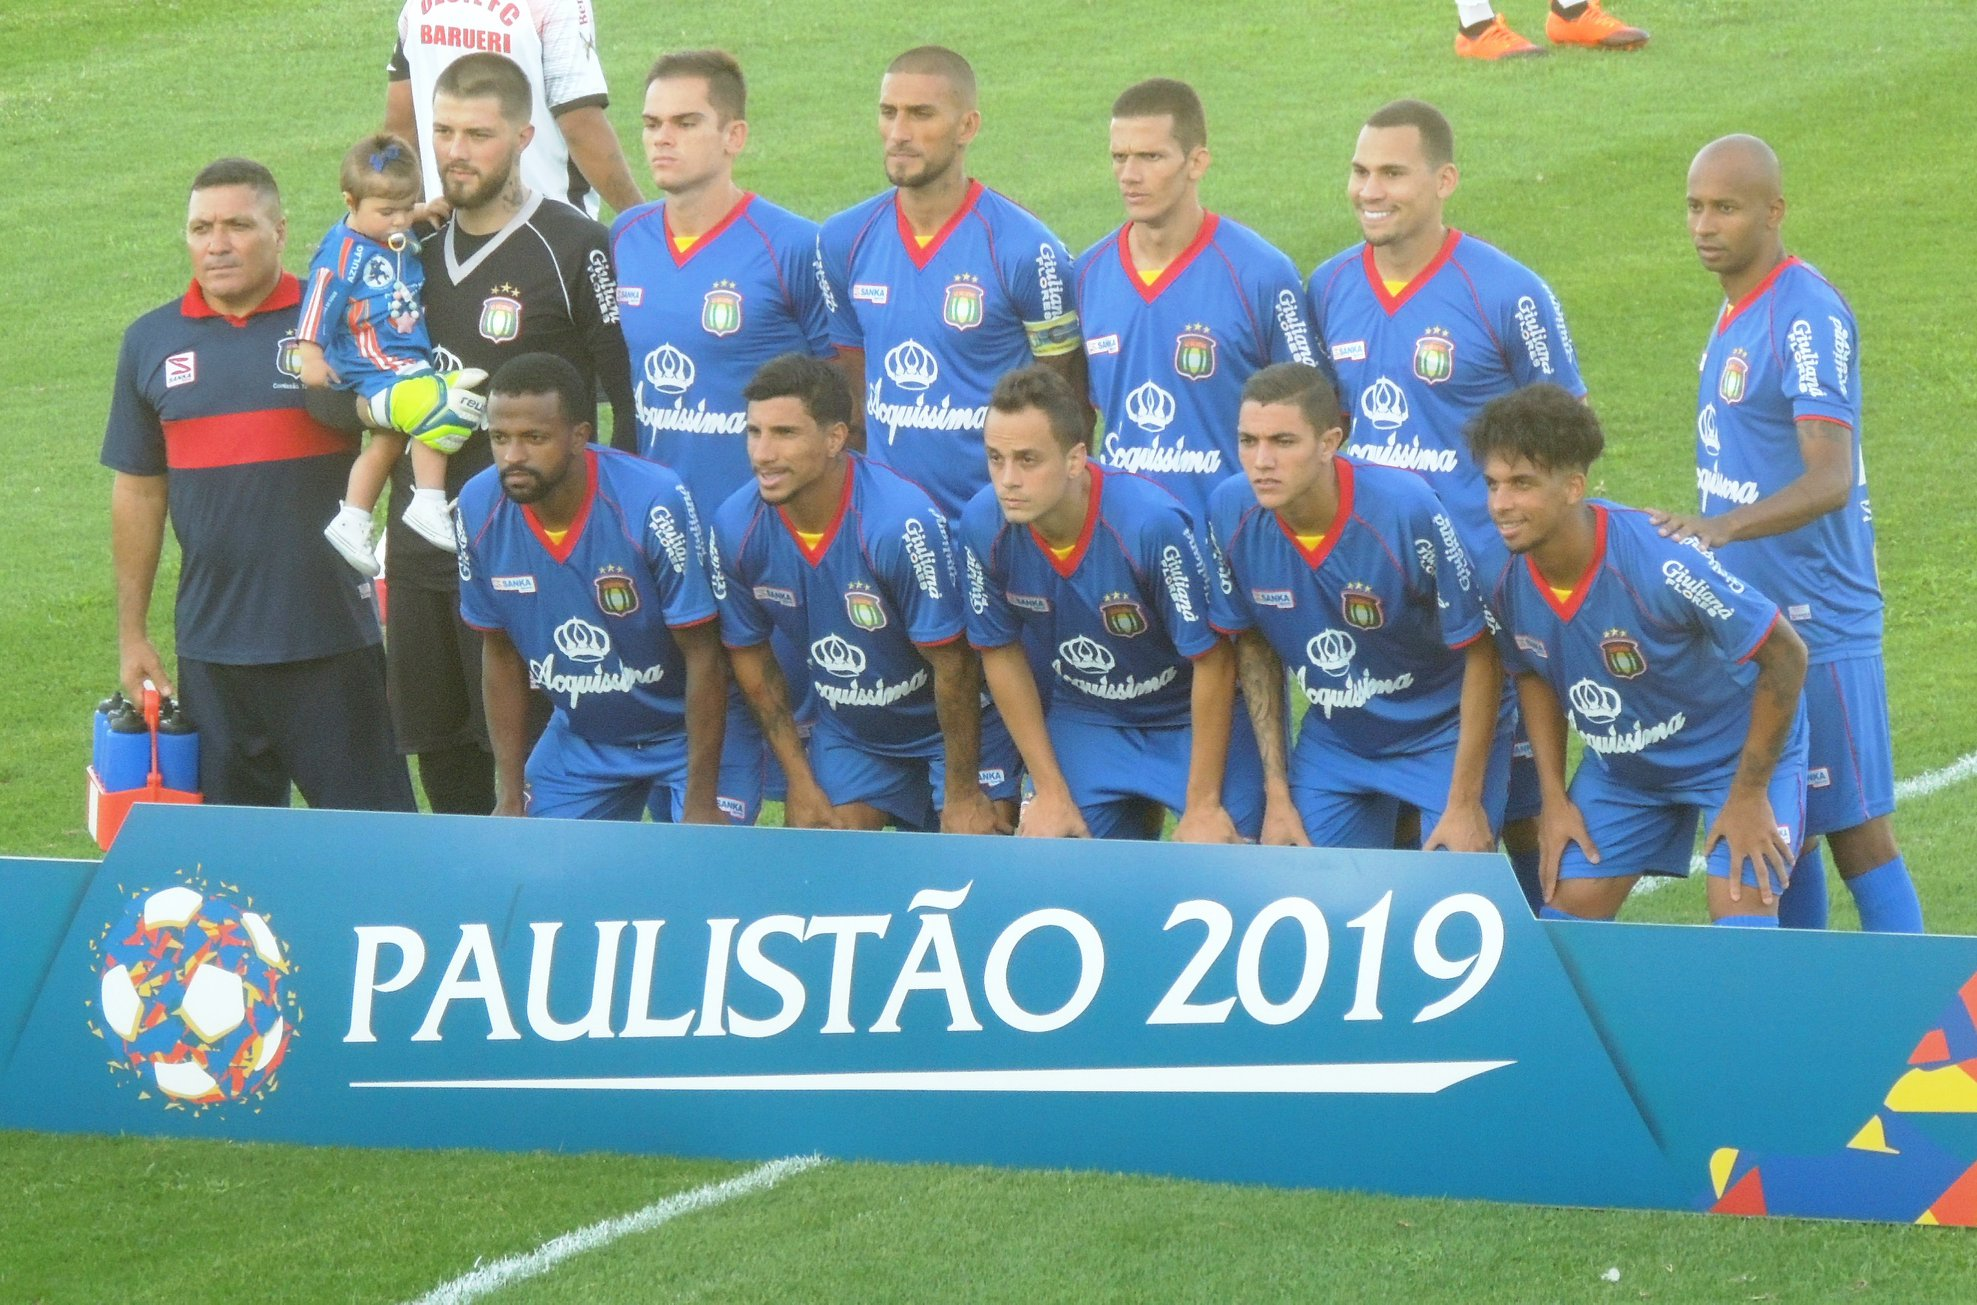 Sao Caetano X Sao Paulo Veja A Provavel Escalacao Do Azulao Para Enfrentar O Tricolor Torcedores Noticias Sobre Futebol Games E Outros Esportes